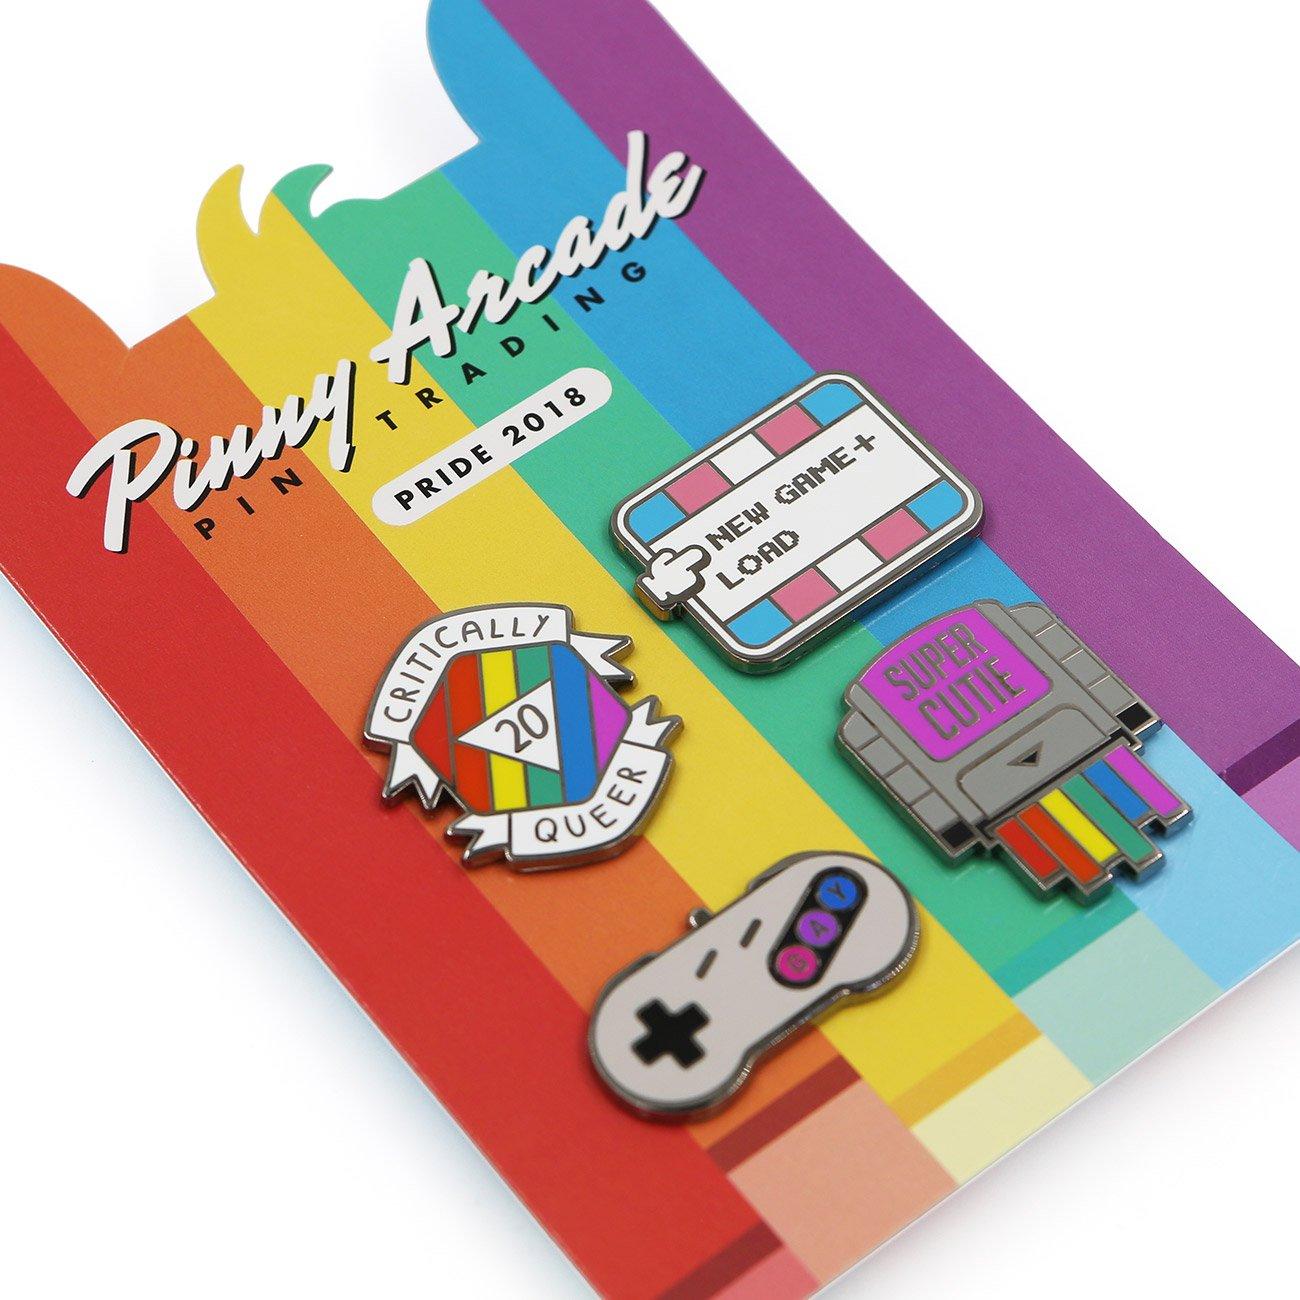 pins_pride02.jpg